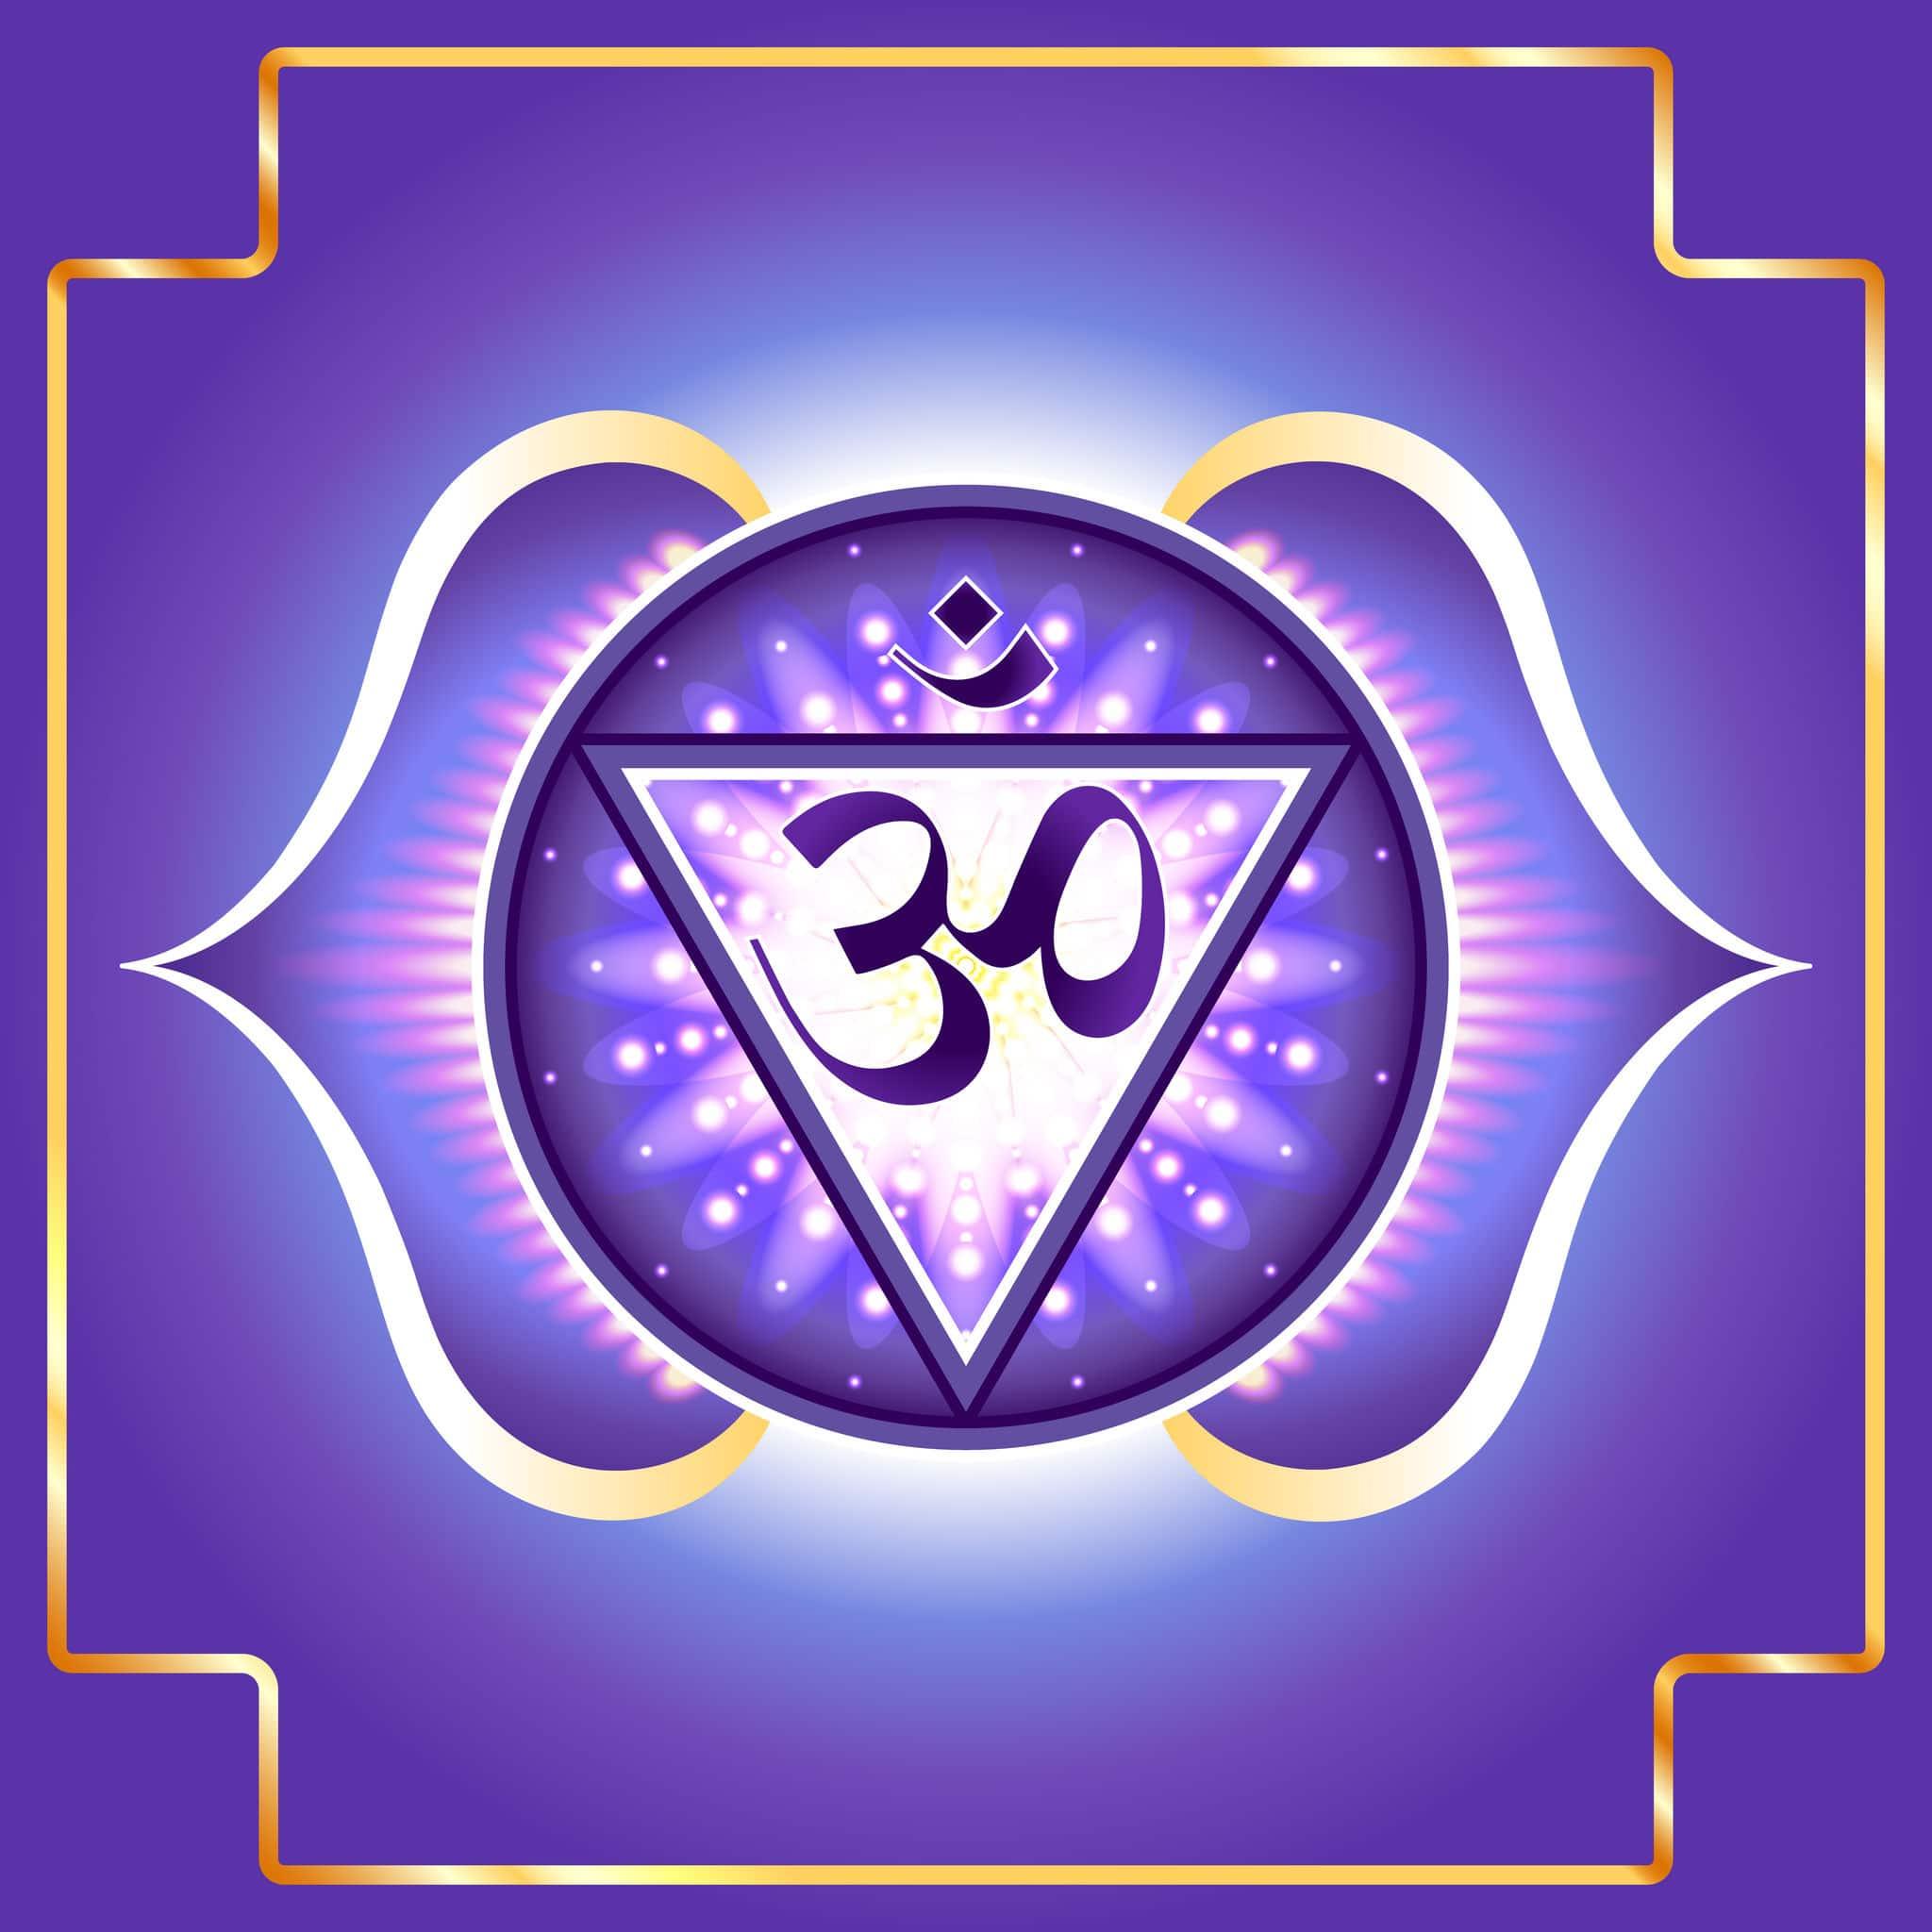 Desenho do símbolo Chakra do Terceiro Olho/Frontal